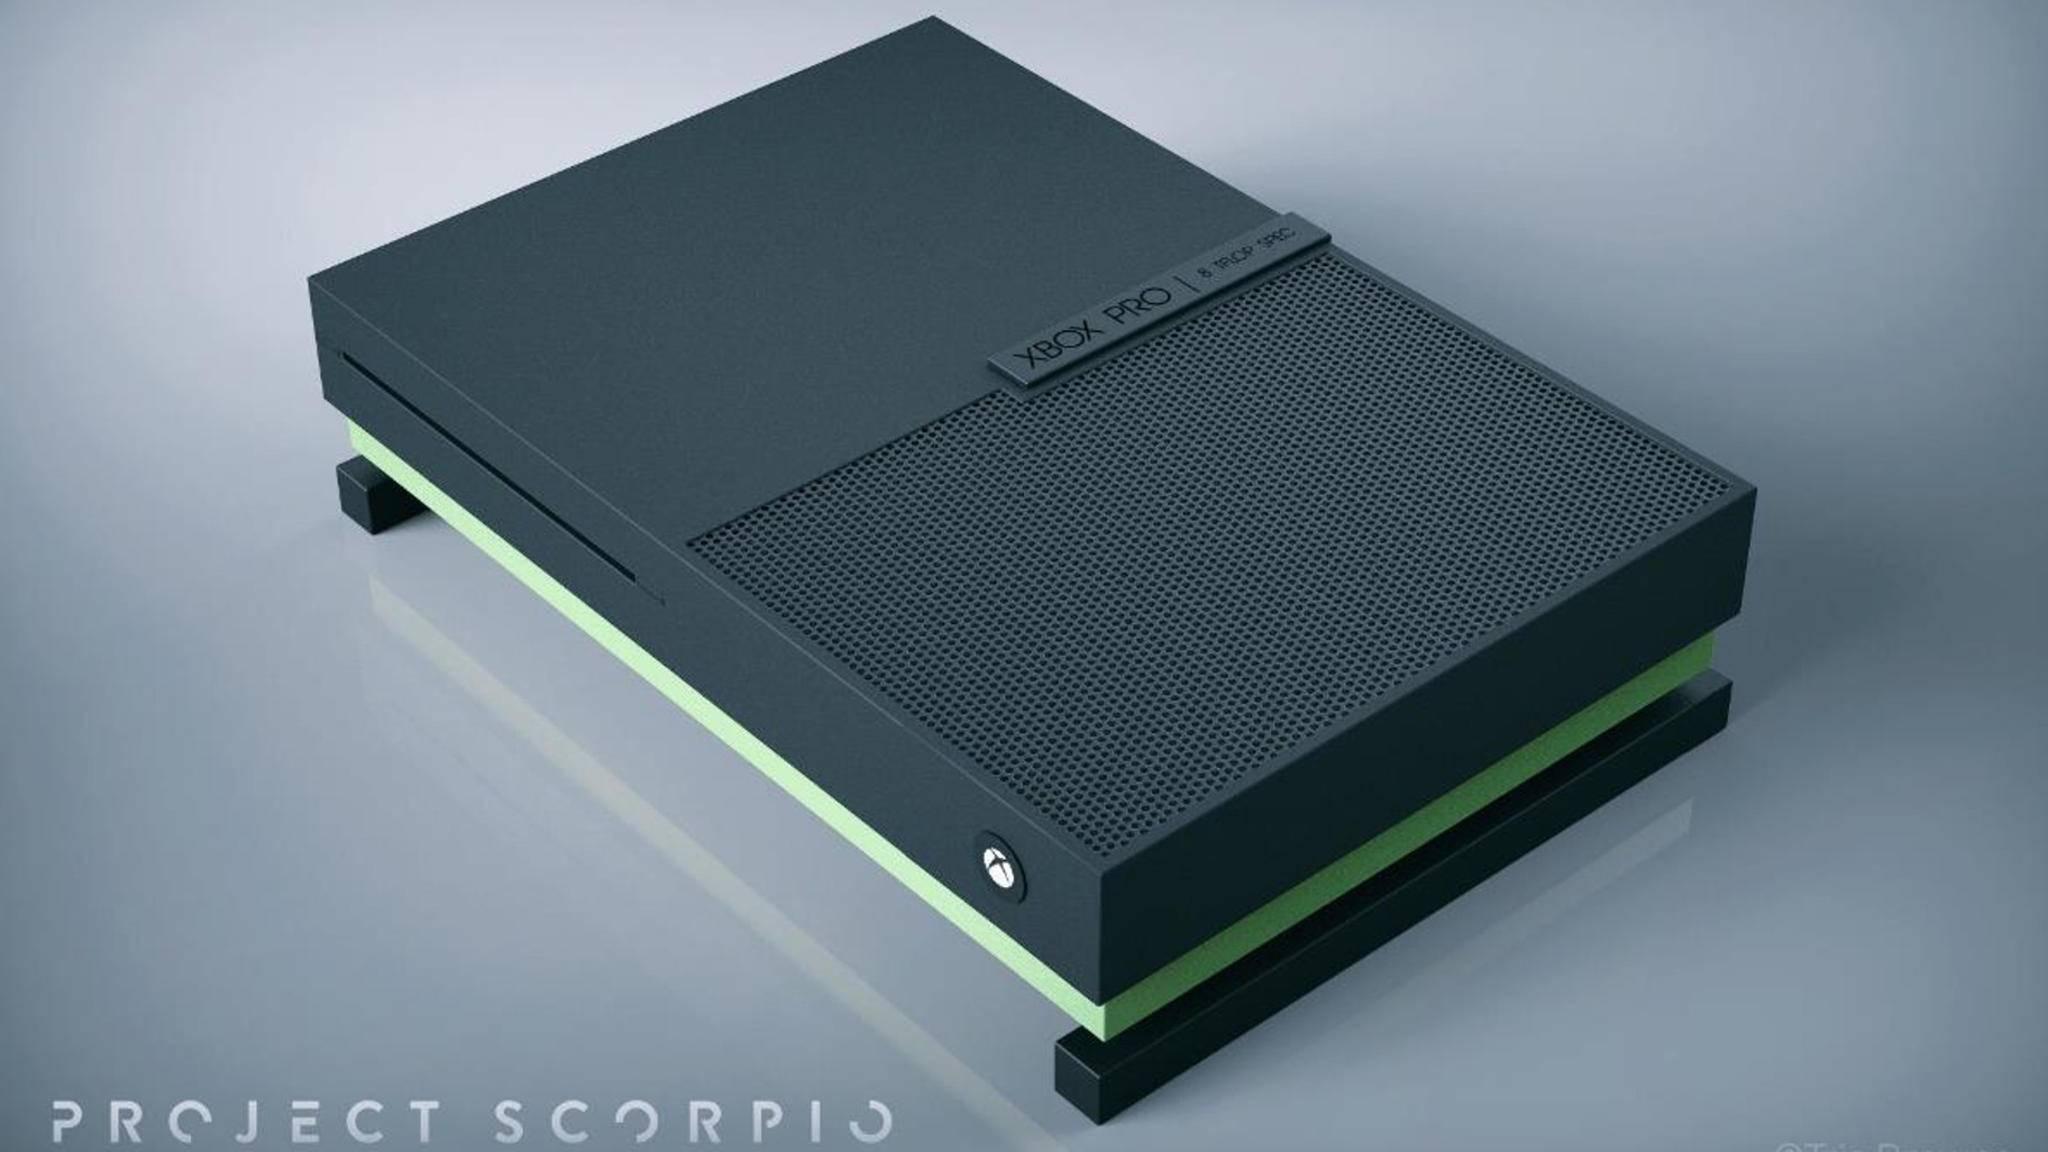 Interessieren sich die Gamer überhaupt für die Xbos Scorpio?